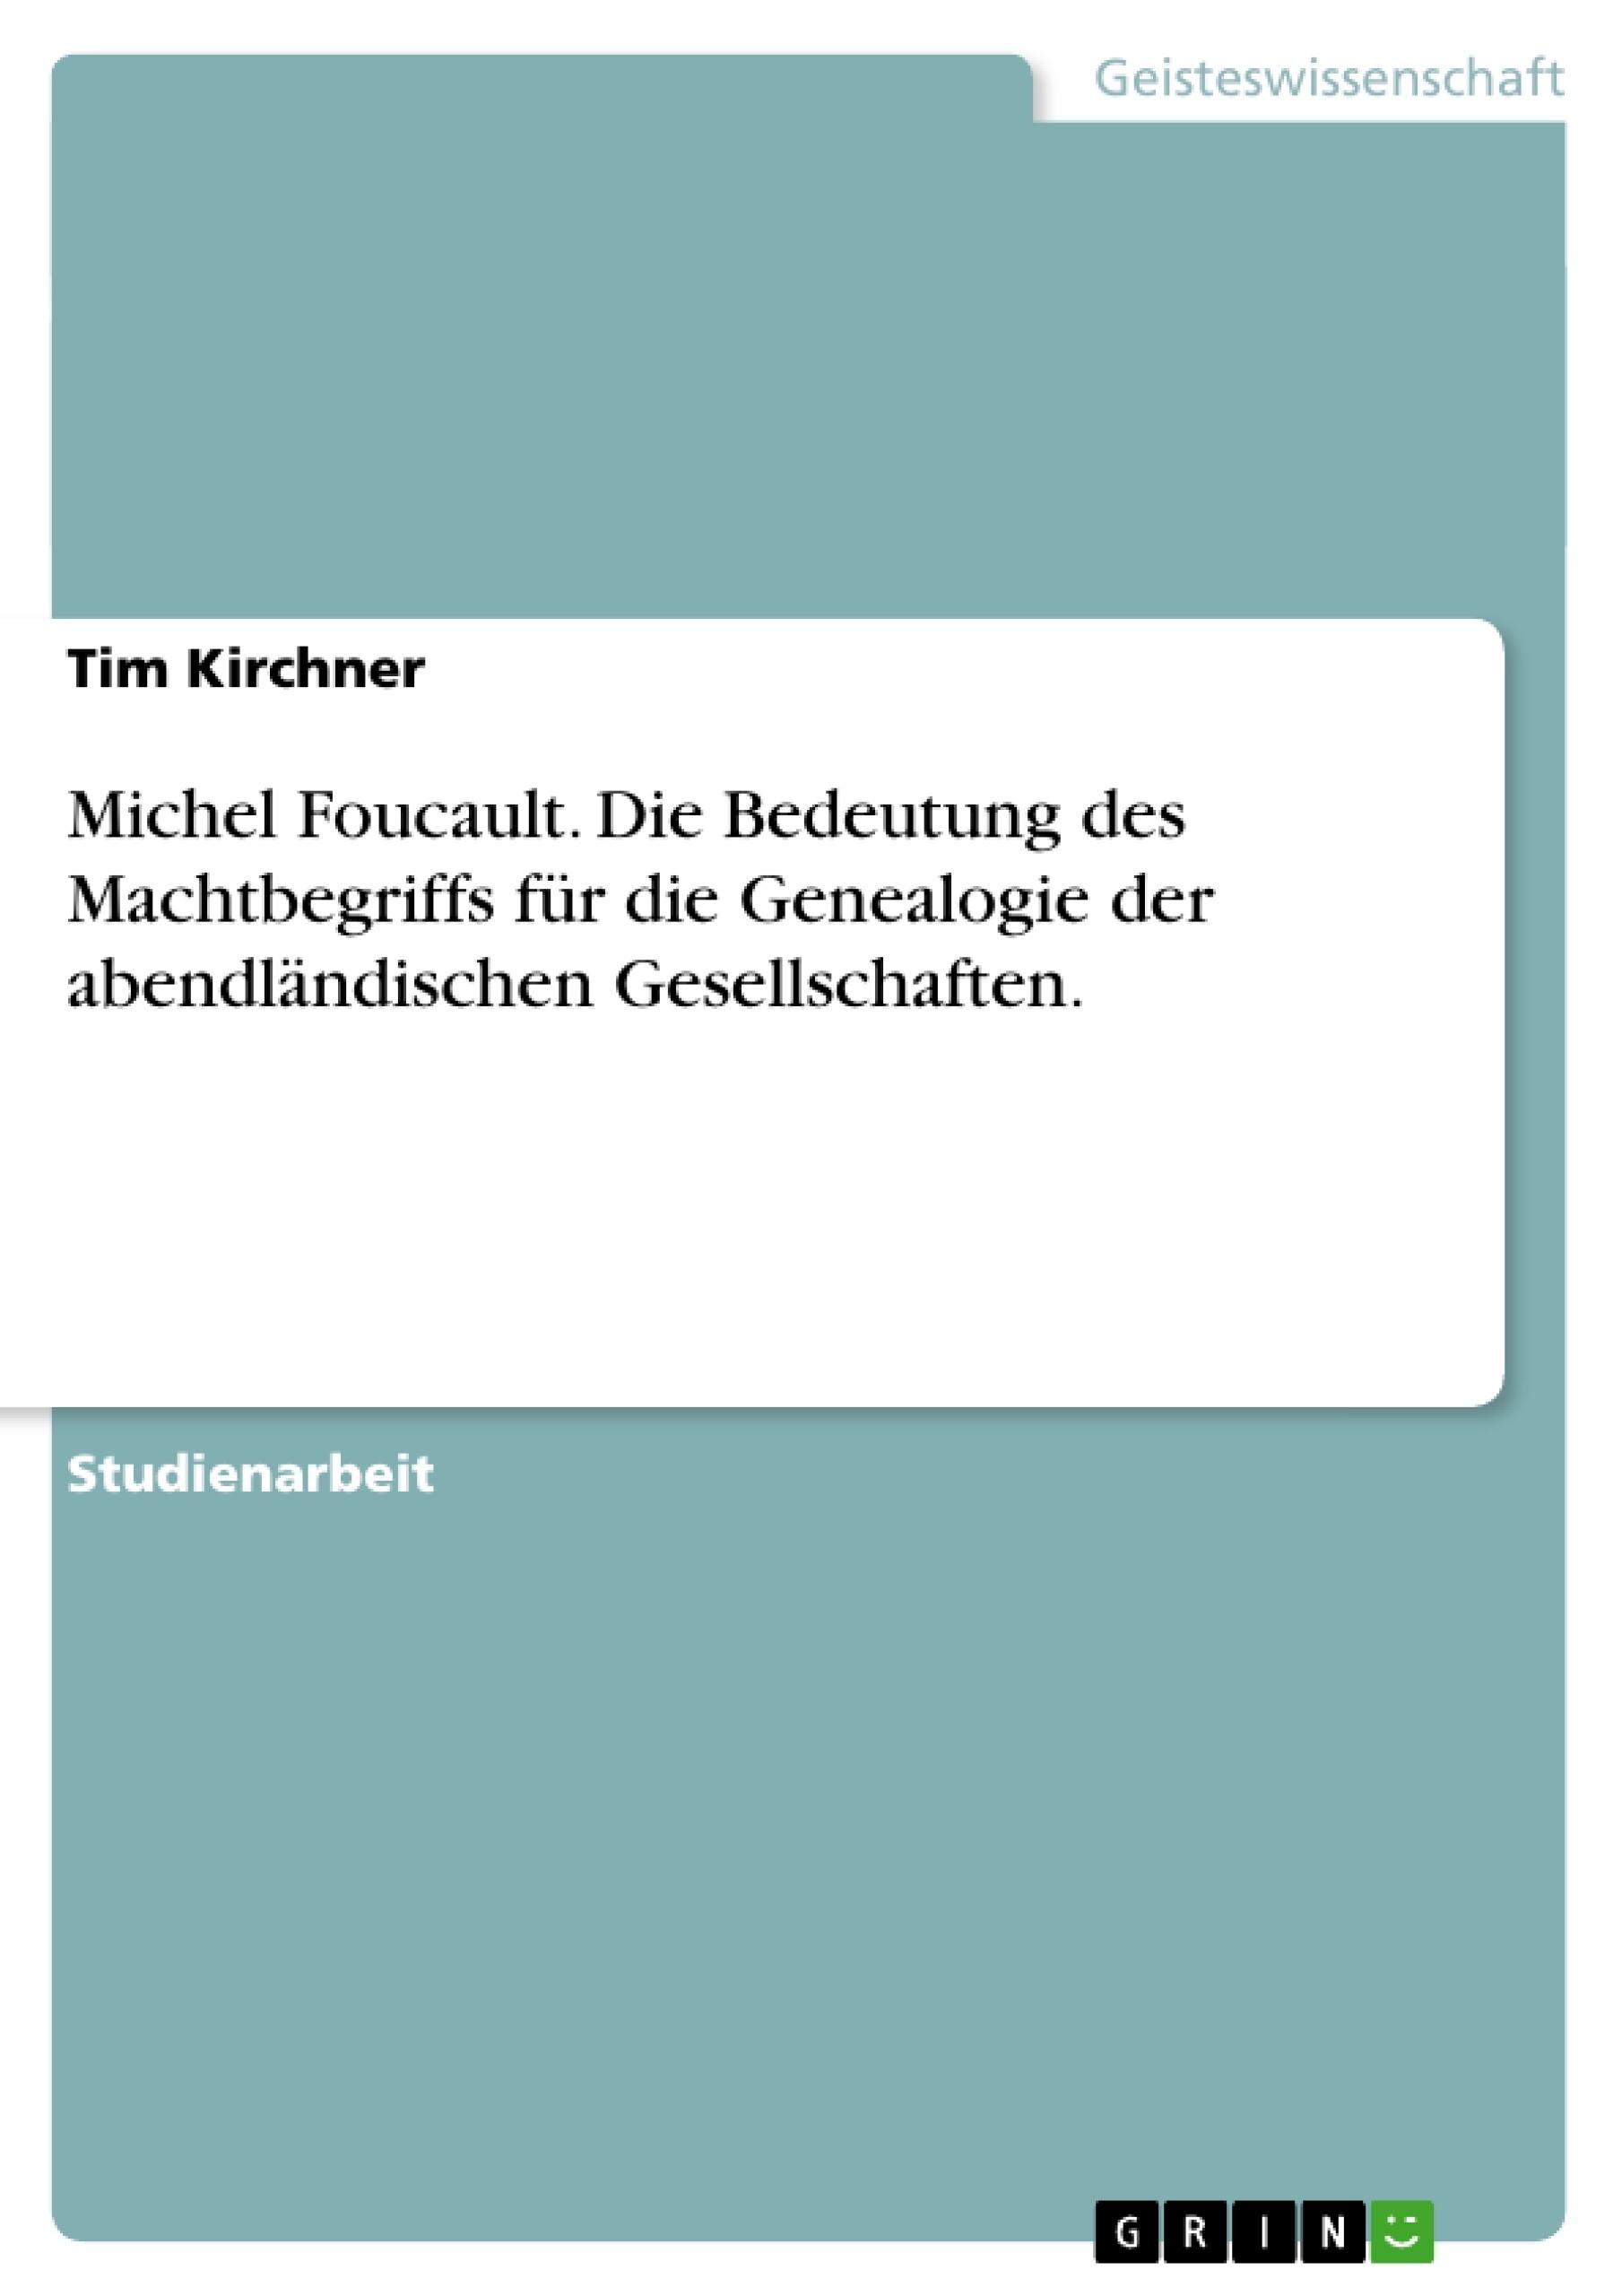 Titel: Michel Foucault. Die Bedeutung des Machtbegriffs für die Genealogie der abendländischen Gesellschaften.